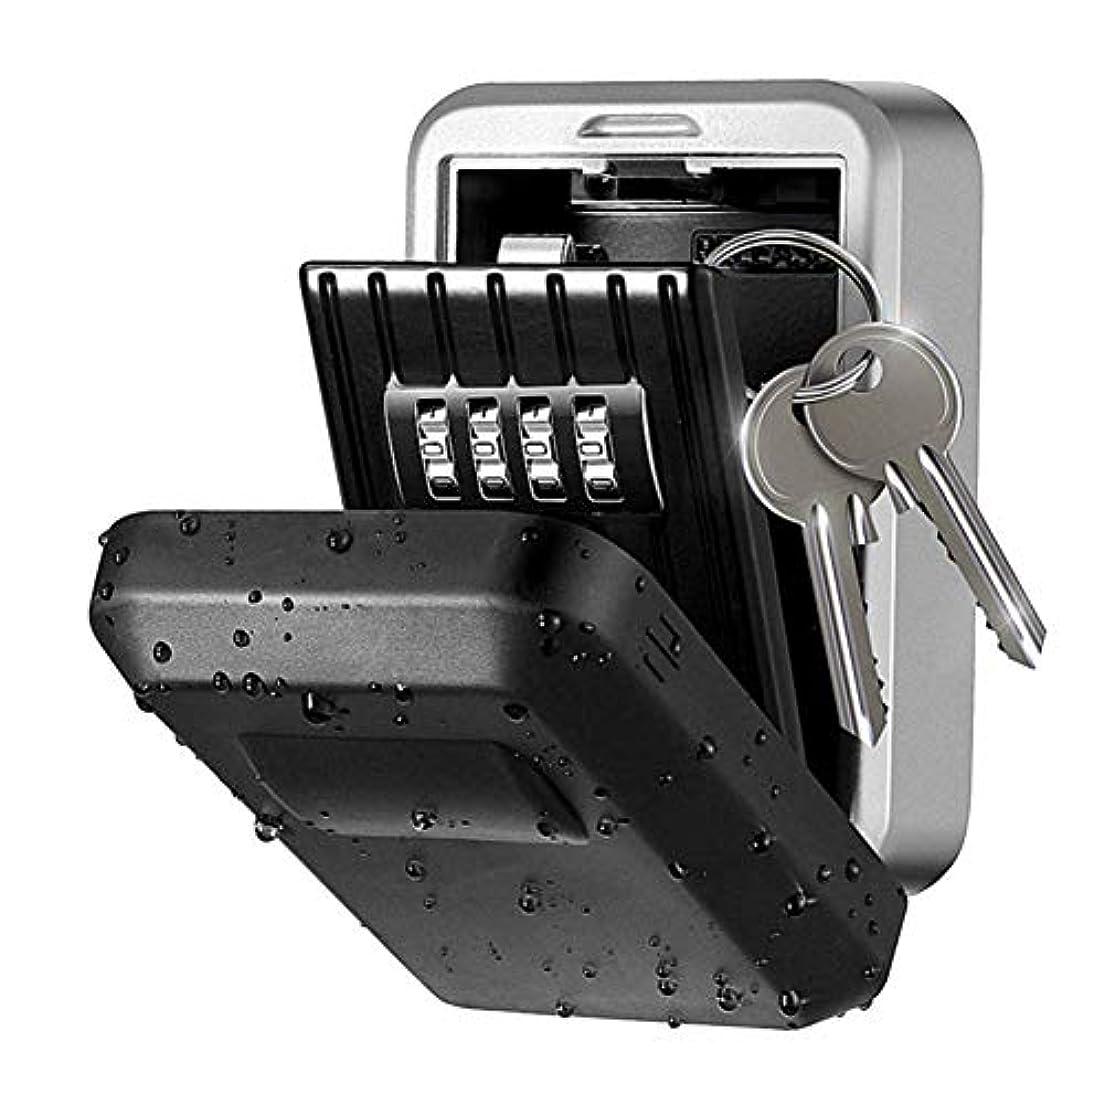 アンプエージェント採用するキーストレージボックス、ZOZOEウォールマウントキーロックボックス-強力、金属、屋外4桁の組み合わせウォールマウントキー屋内および屋外のホームオフィスでキーを安全に共有するための安全なセキュリティストレージボックス